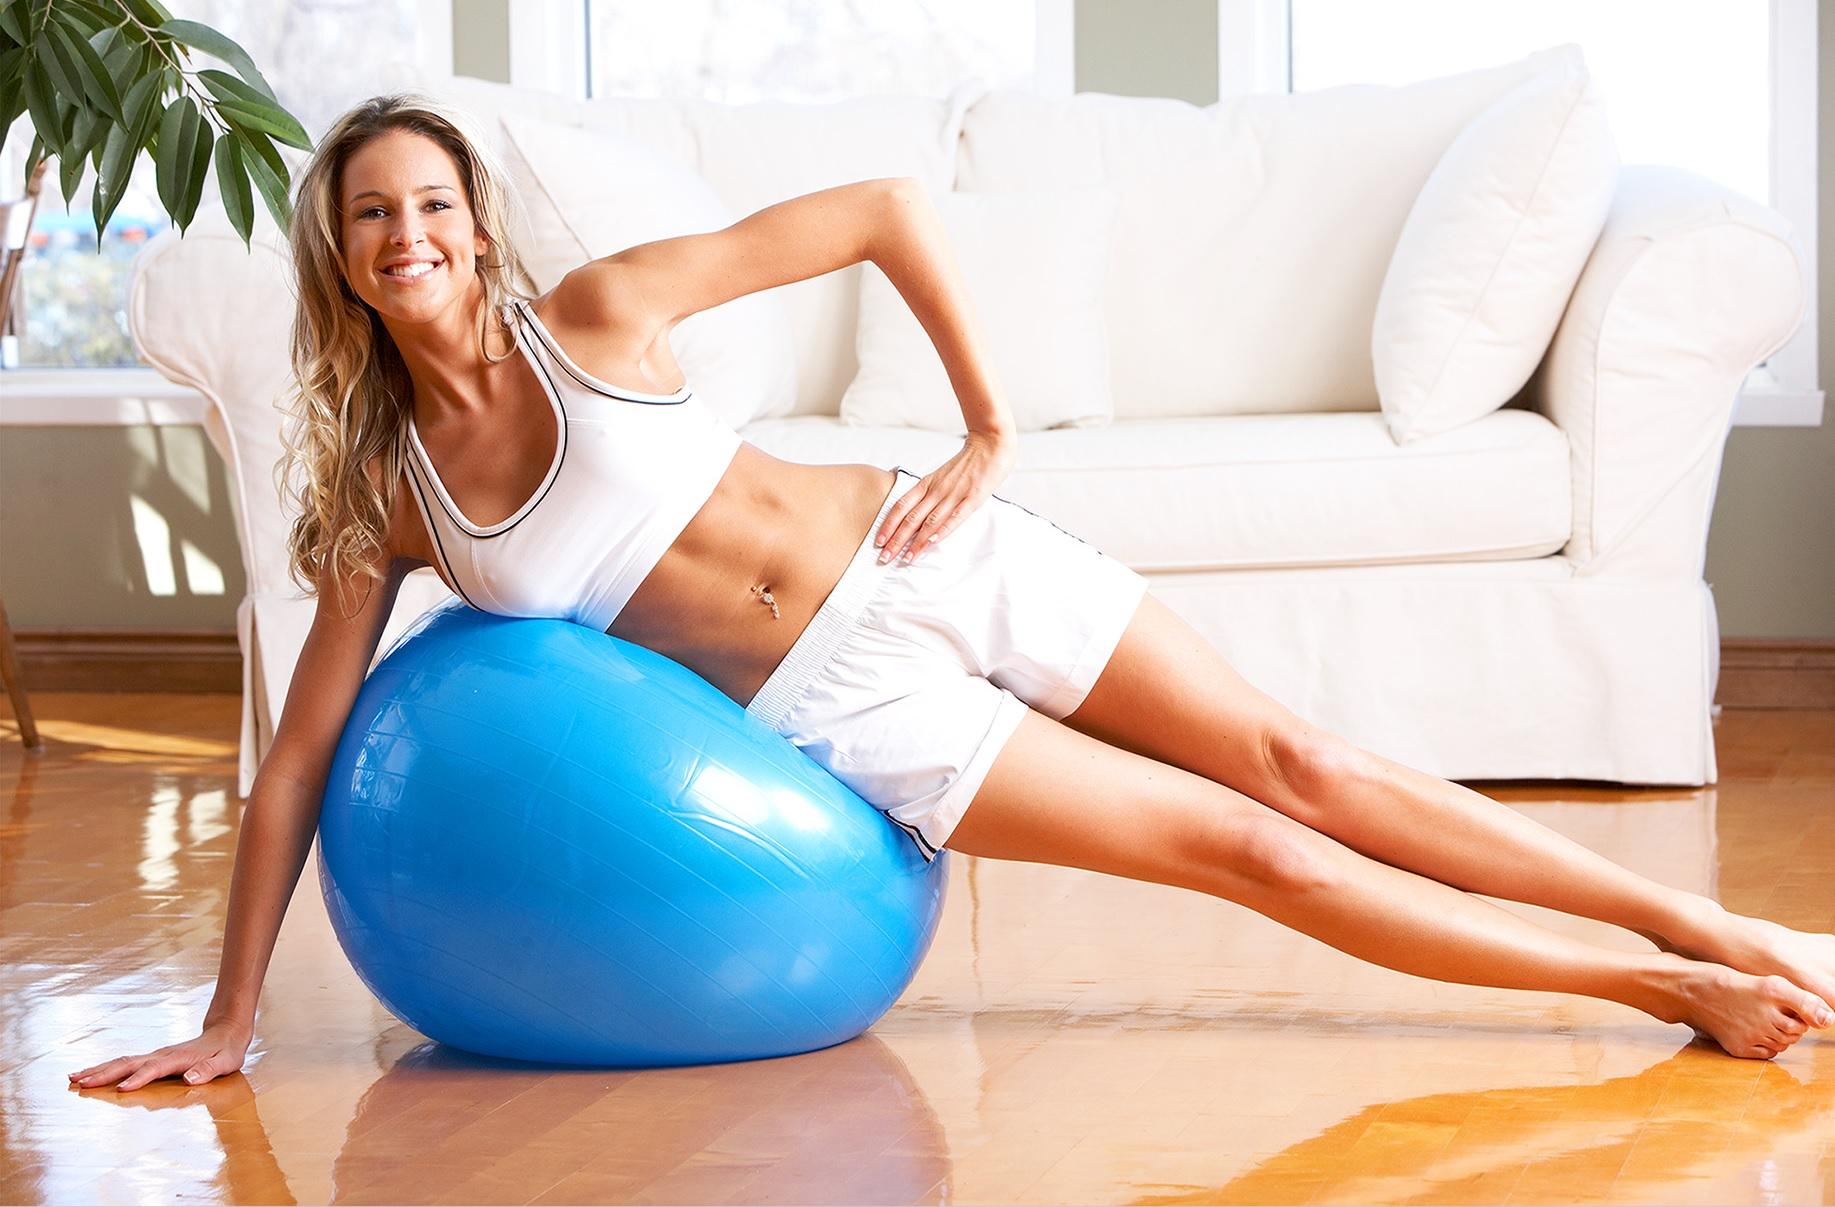 Упражнения ля увеличения груди в 12 лет